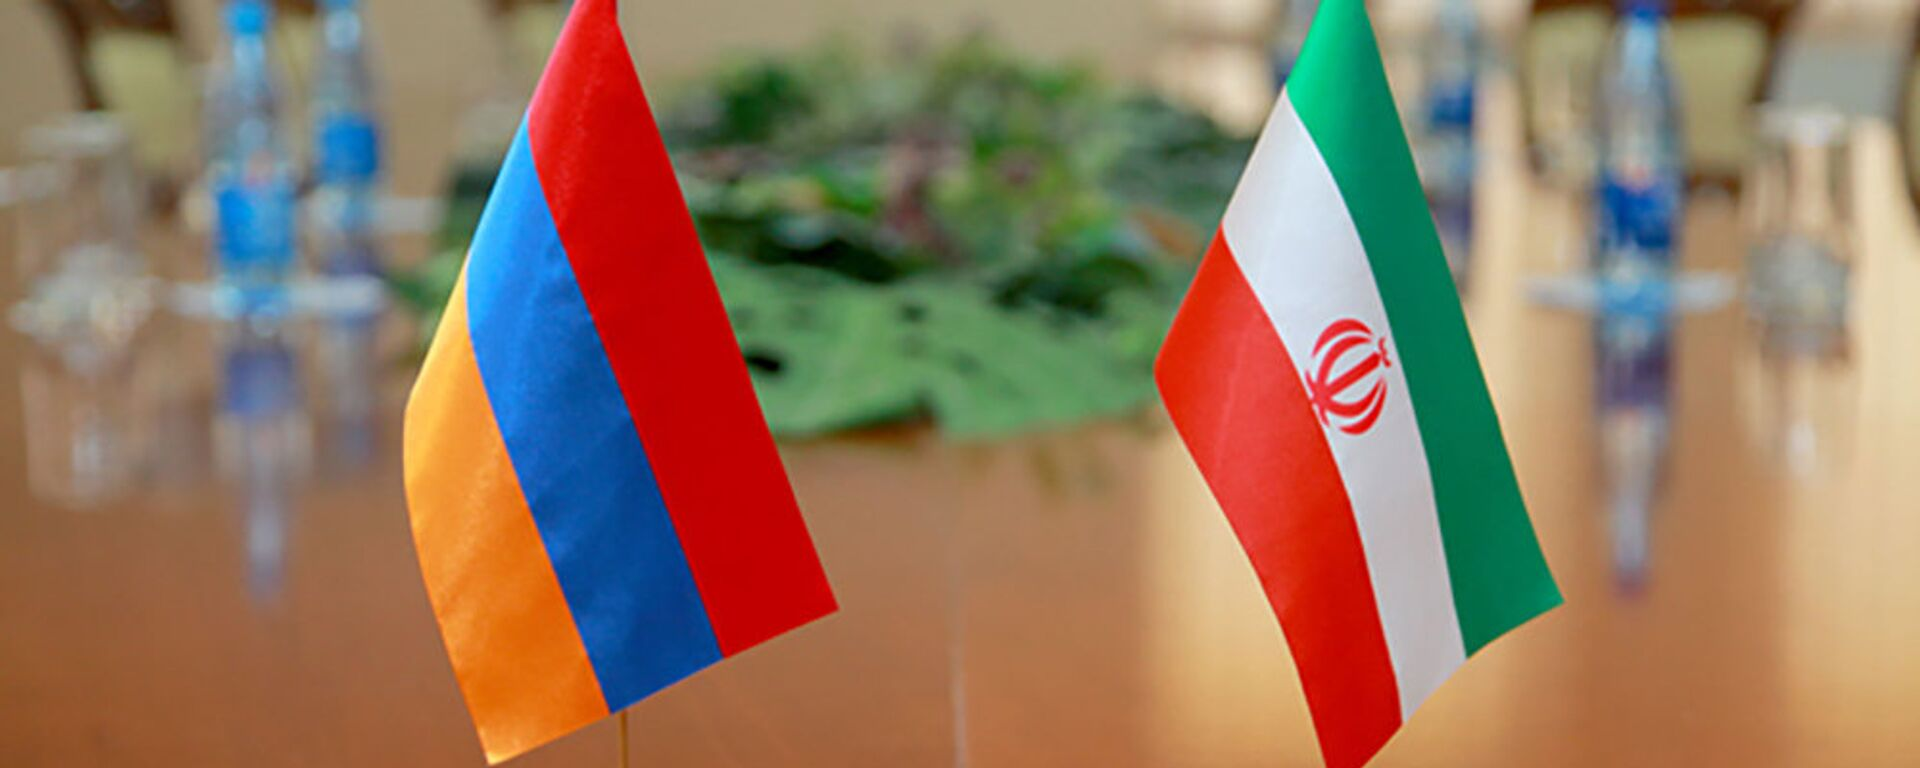 Флаги Ирана и Армении - Sputnik Армения, 1920, 13.10.2021